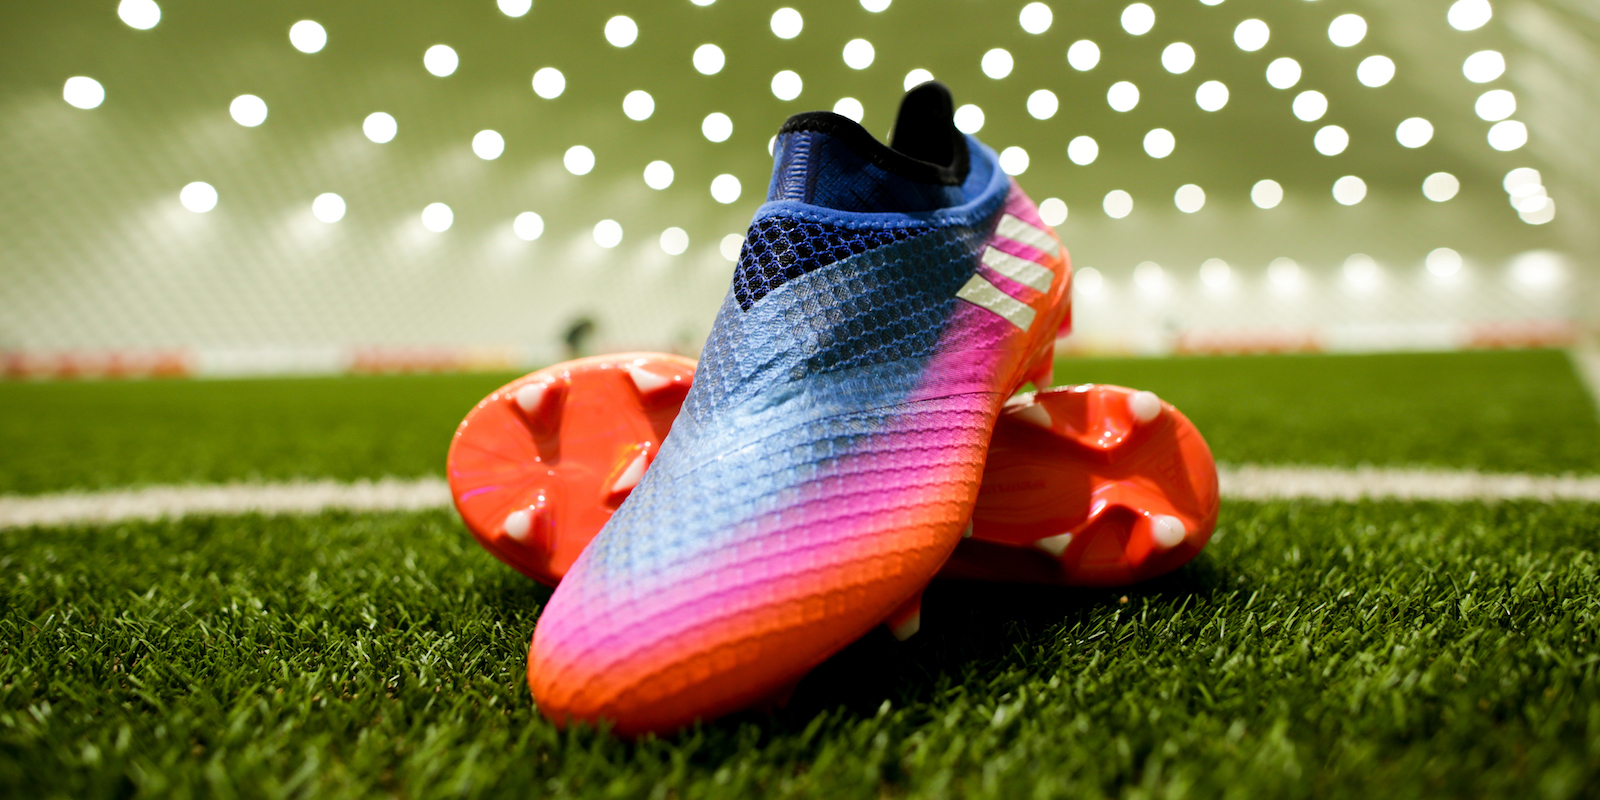 adidas messi 16 blue blast 16 blue blast WearTesters ddbb8cd - colja.host